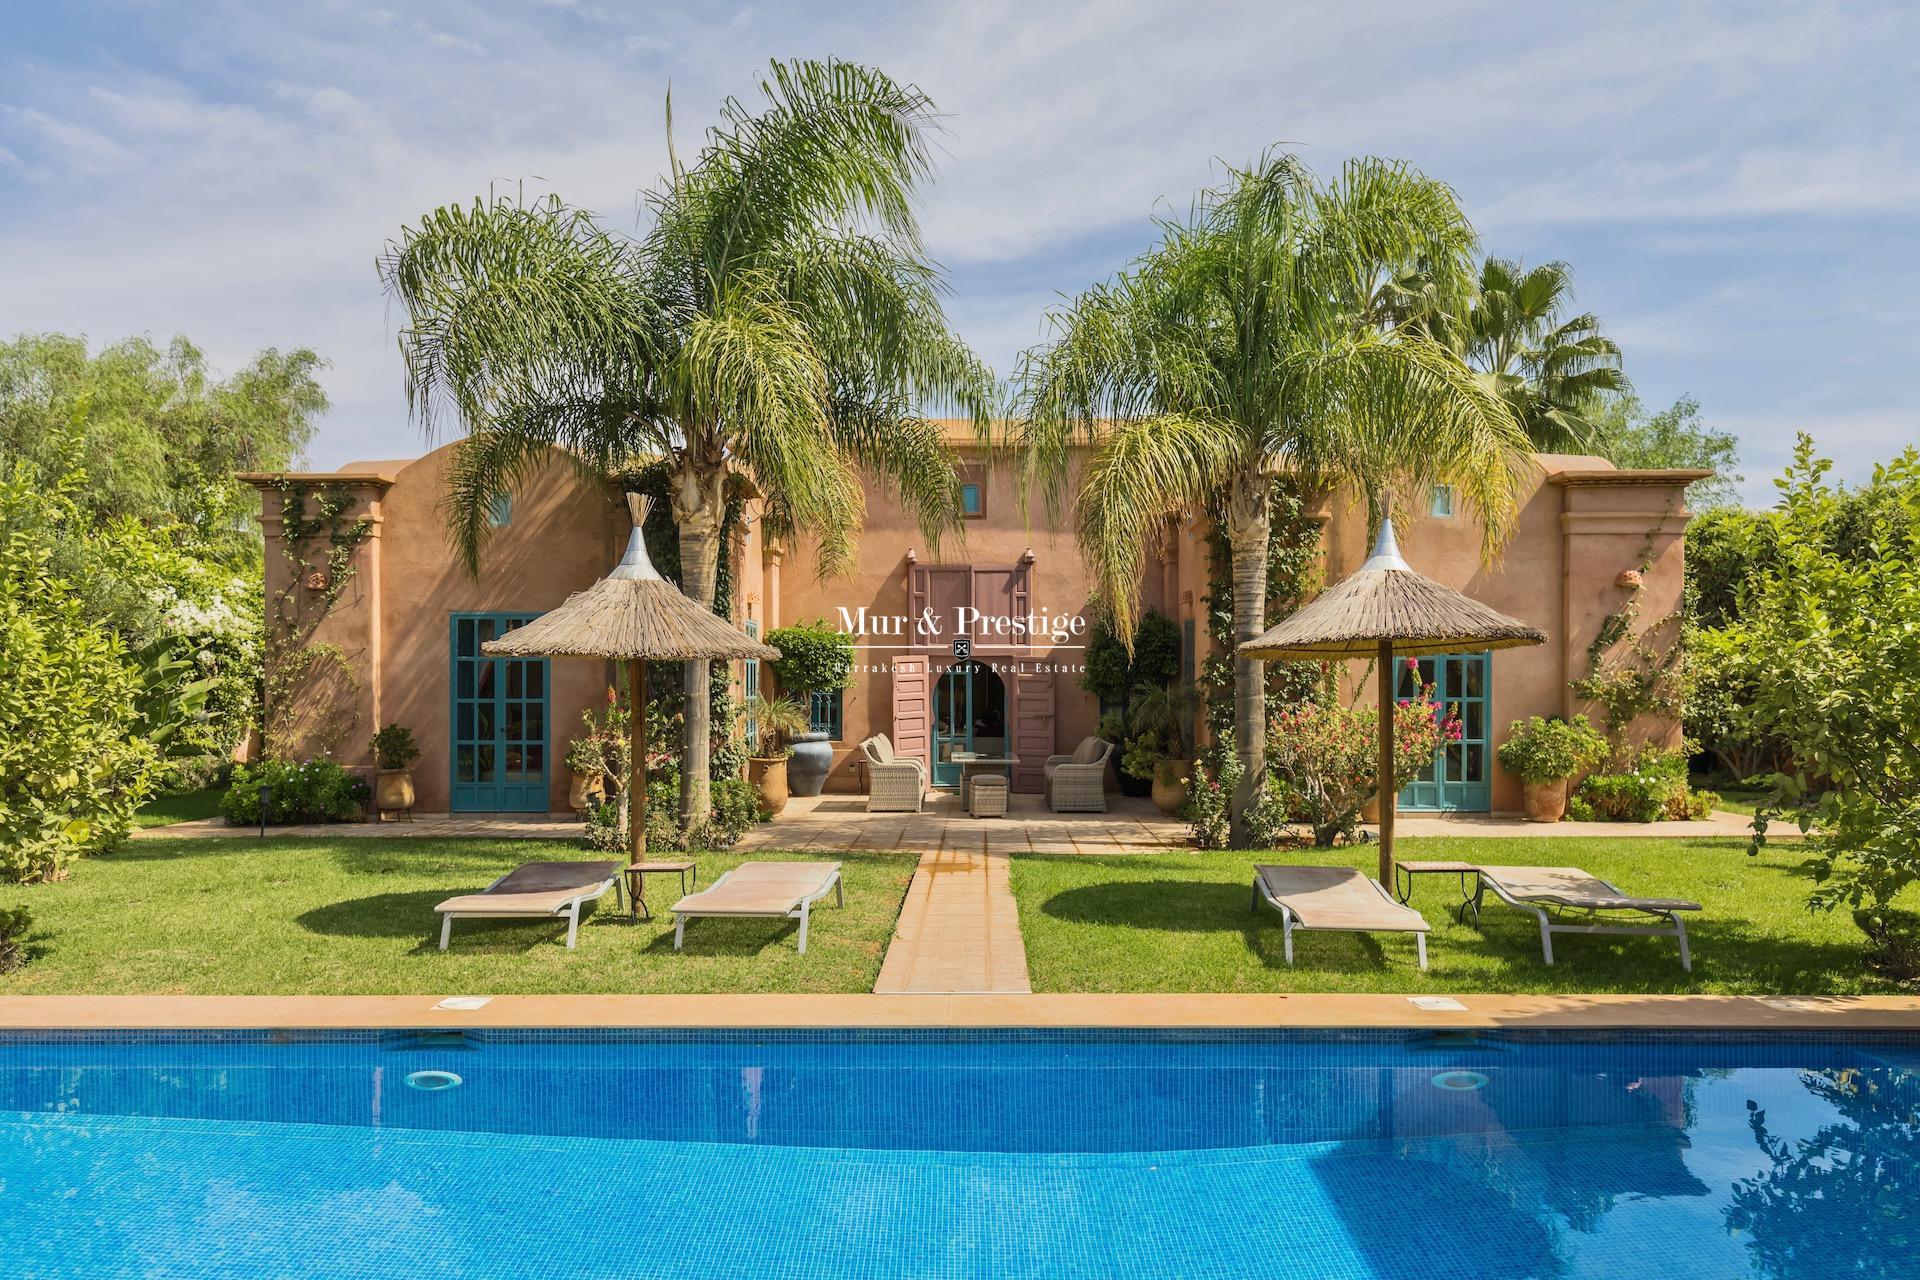 Villa en vente à Marrakech réalisée par l'architecte Charles Boccara